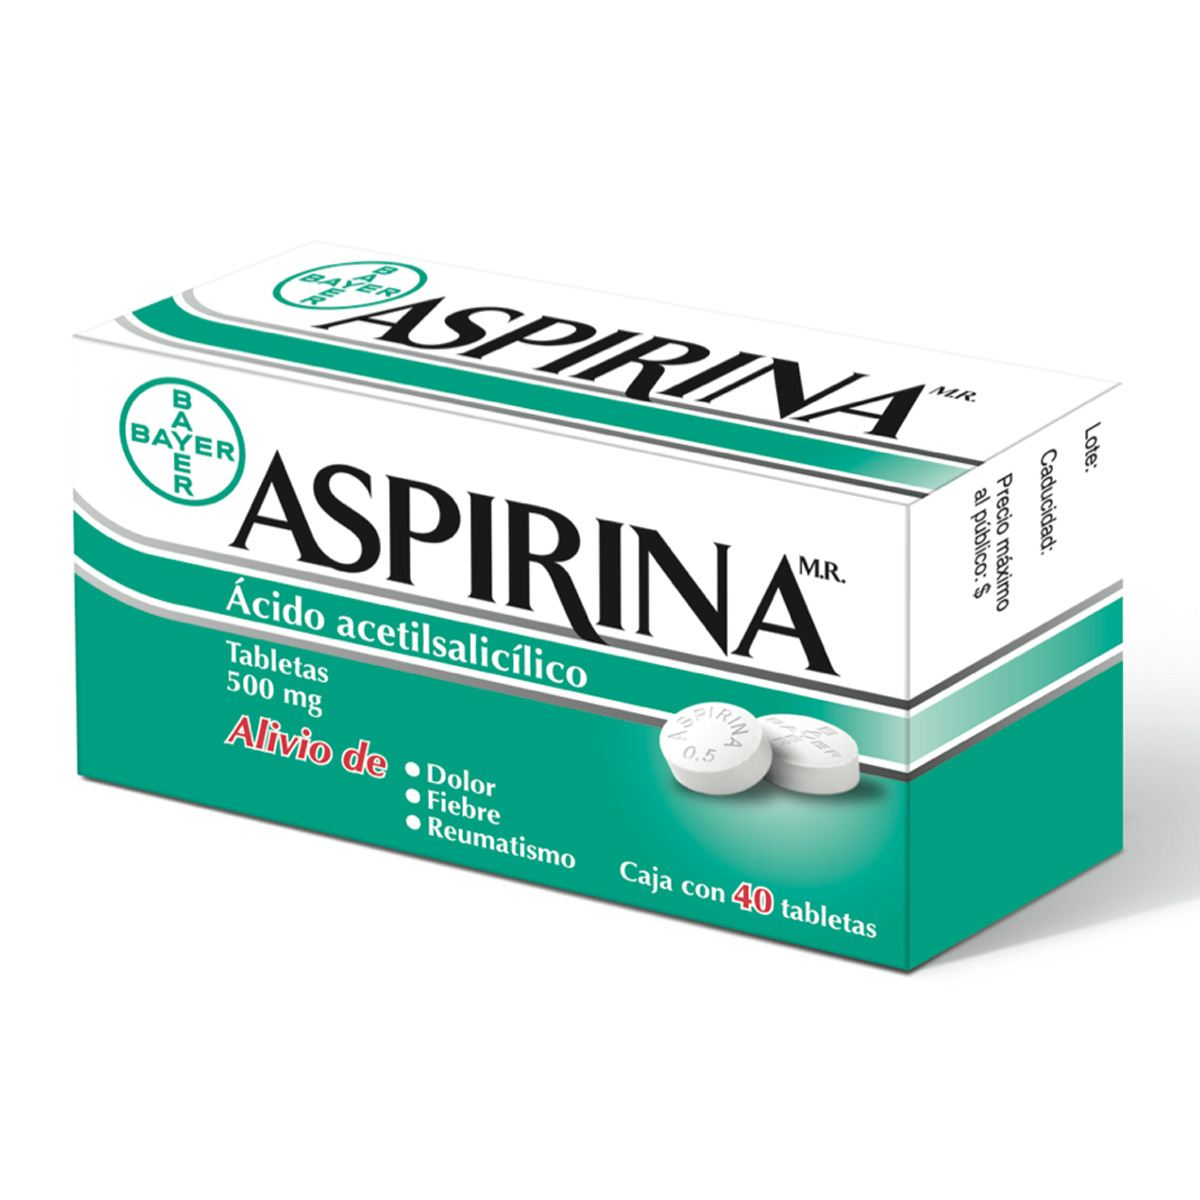 ¿Os acordáis de la Aspirina? 7501008491966